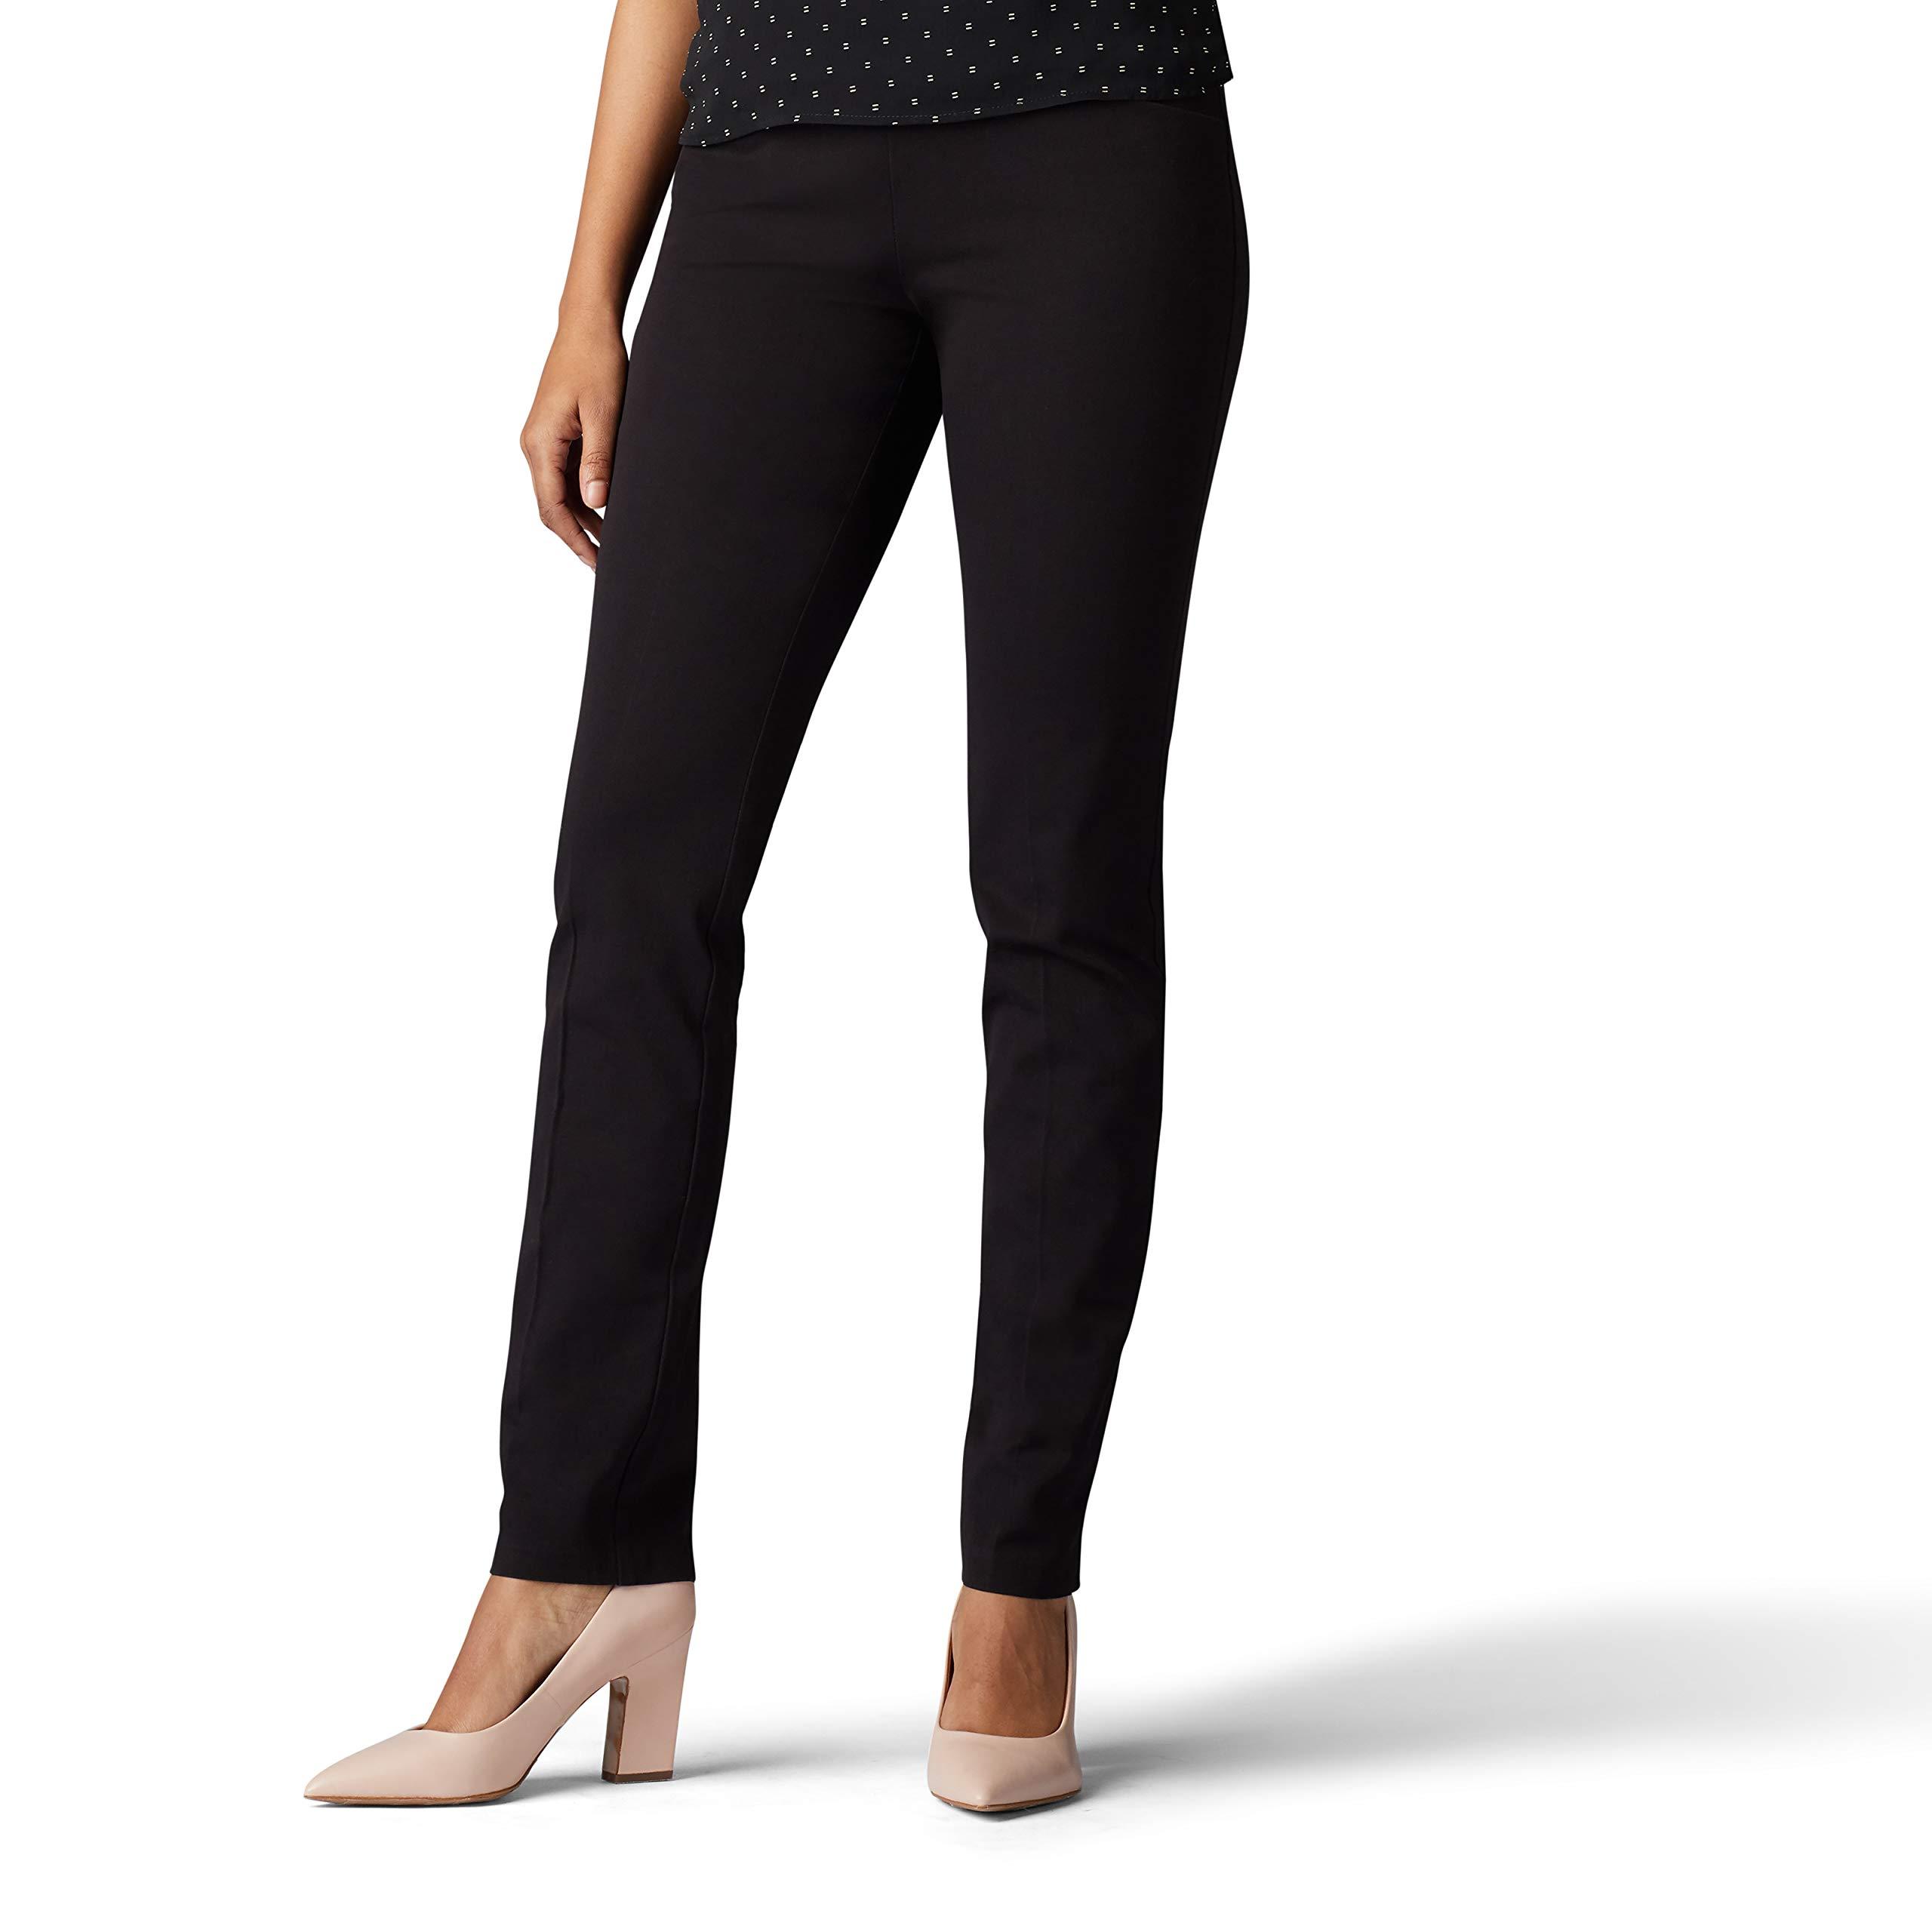 Lee Women's Sculpting Slim FIt Slim Leg Pull-On Pant, black, 14 Long by LEE